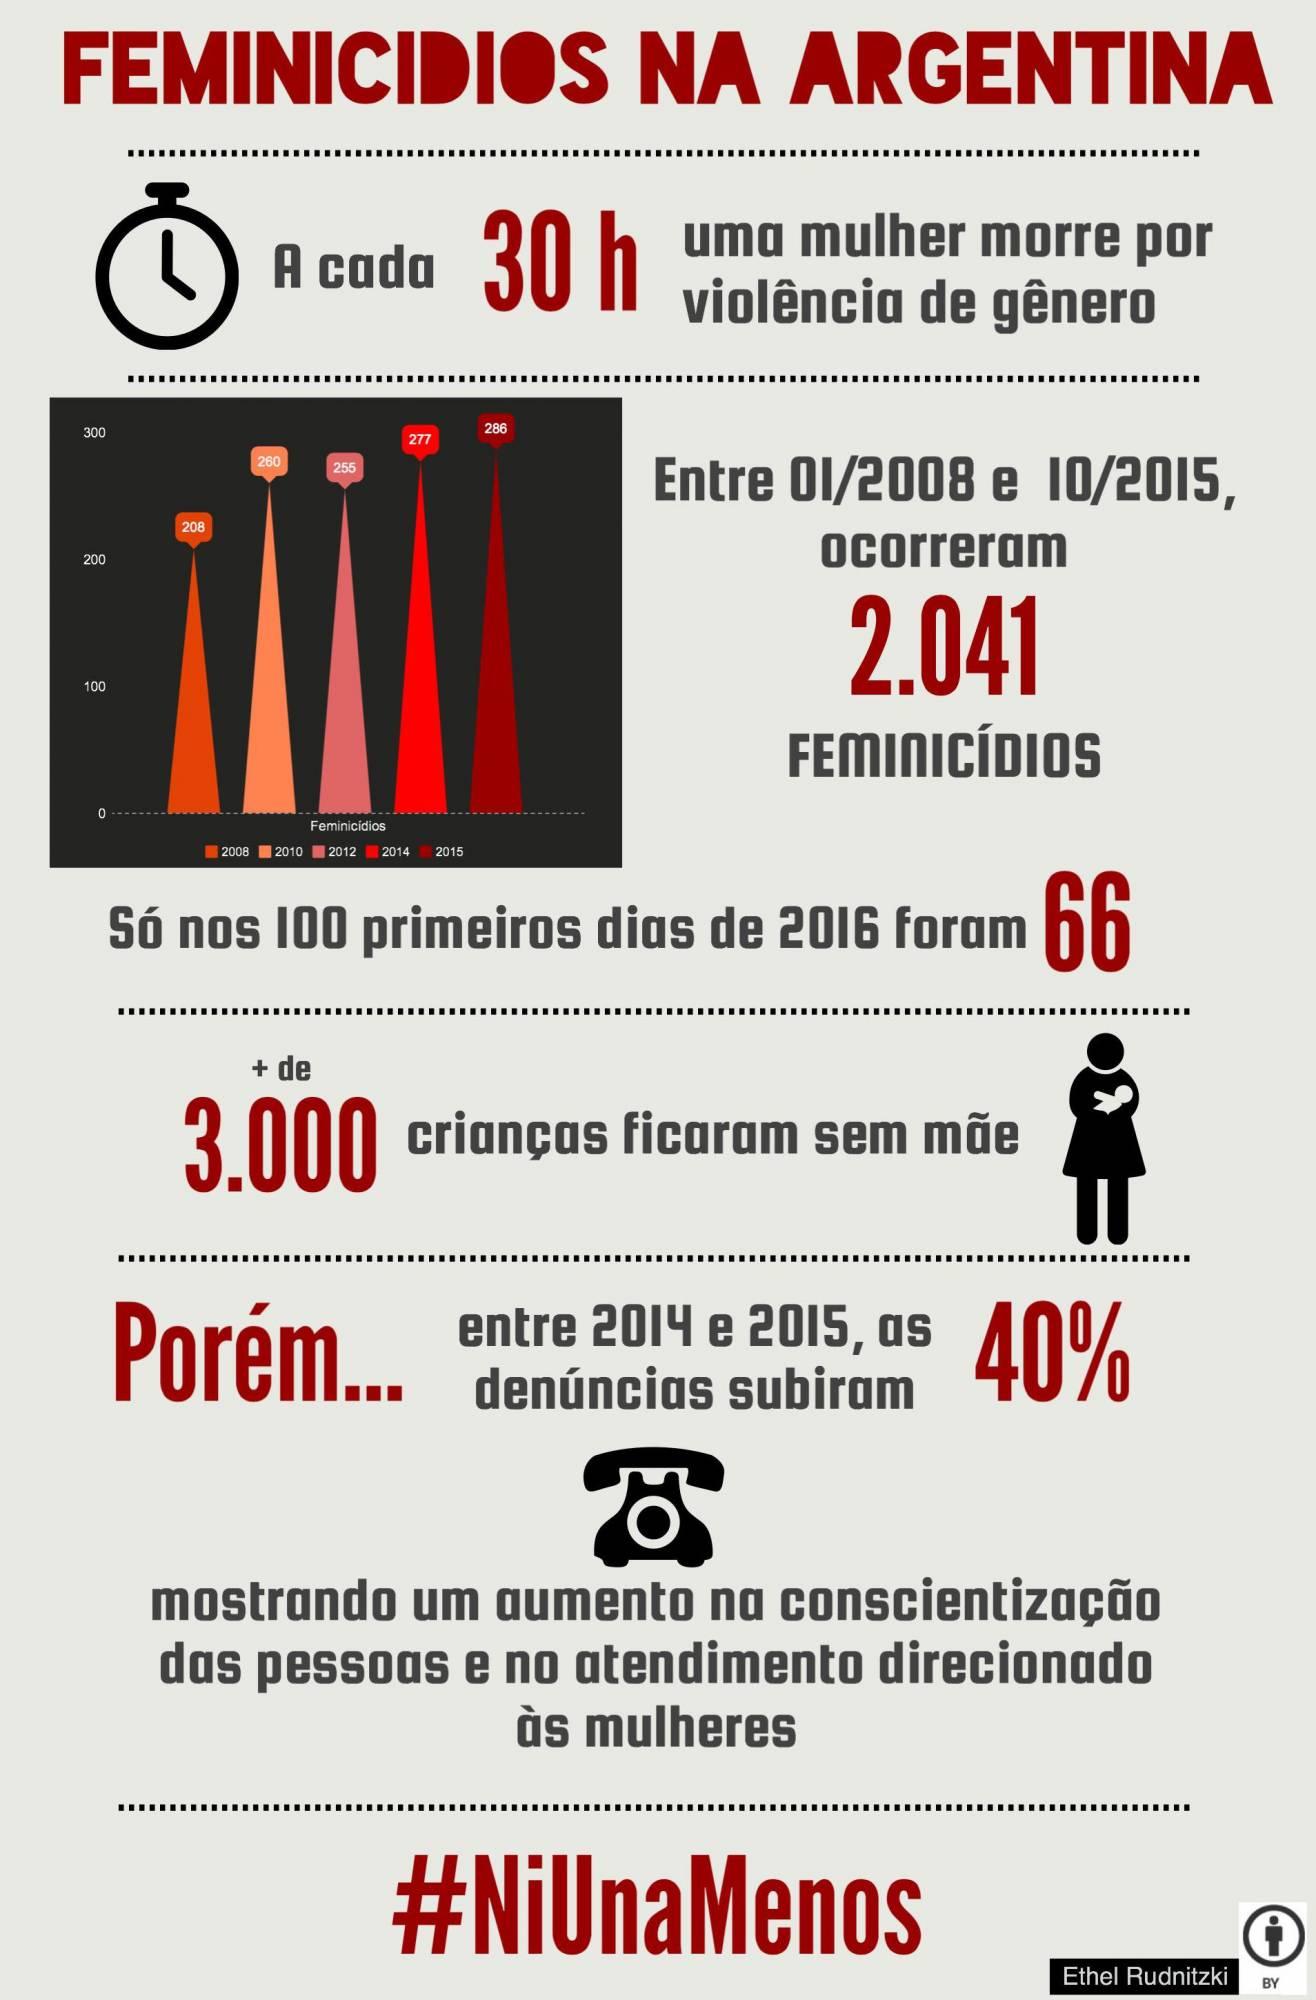 infofeminicidios